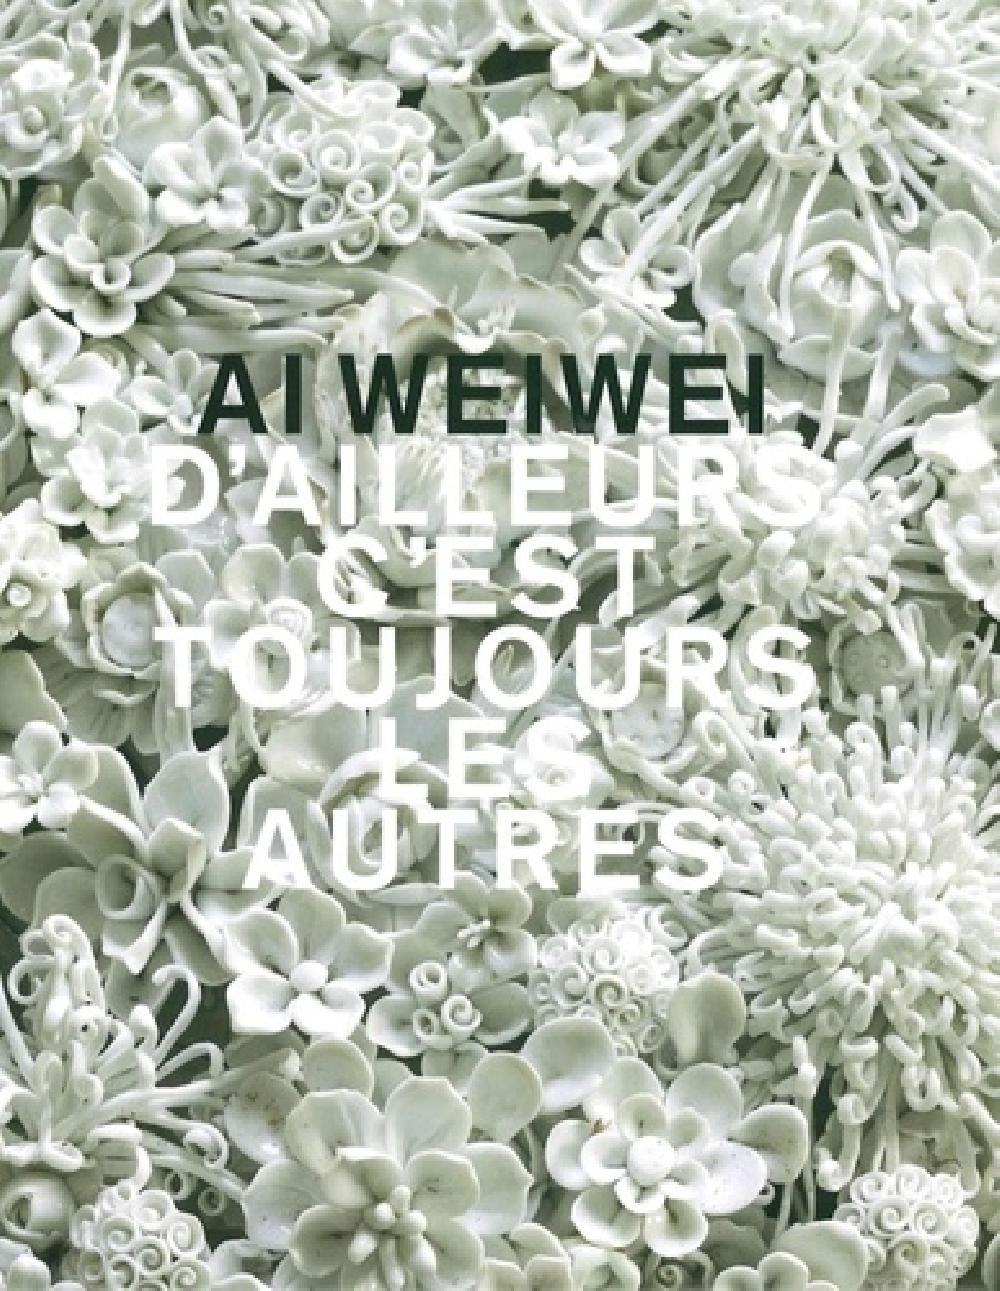 Ai Weiwei - D'ailleurs c'est toujours les autres